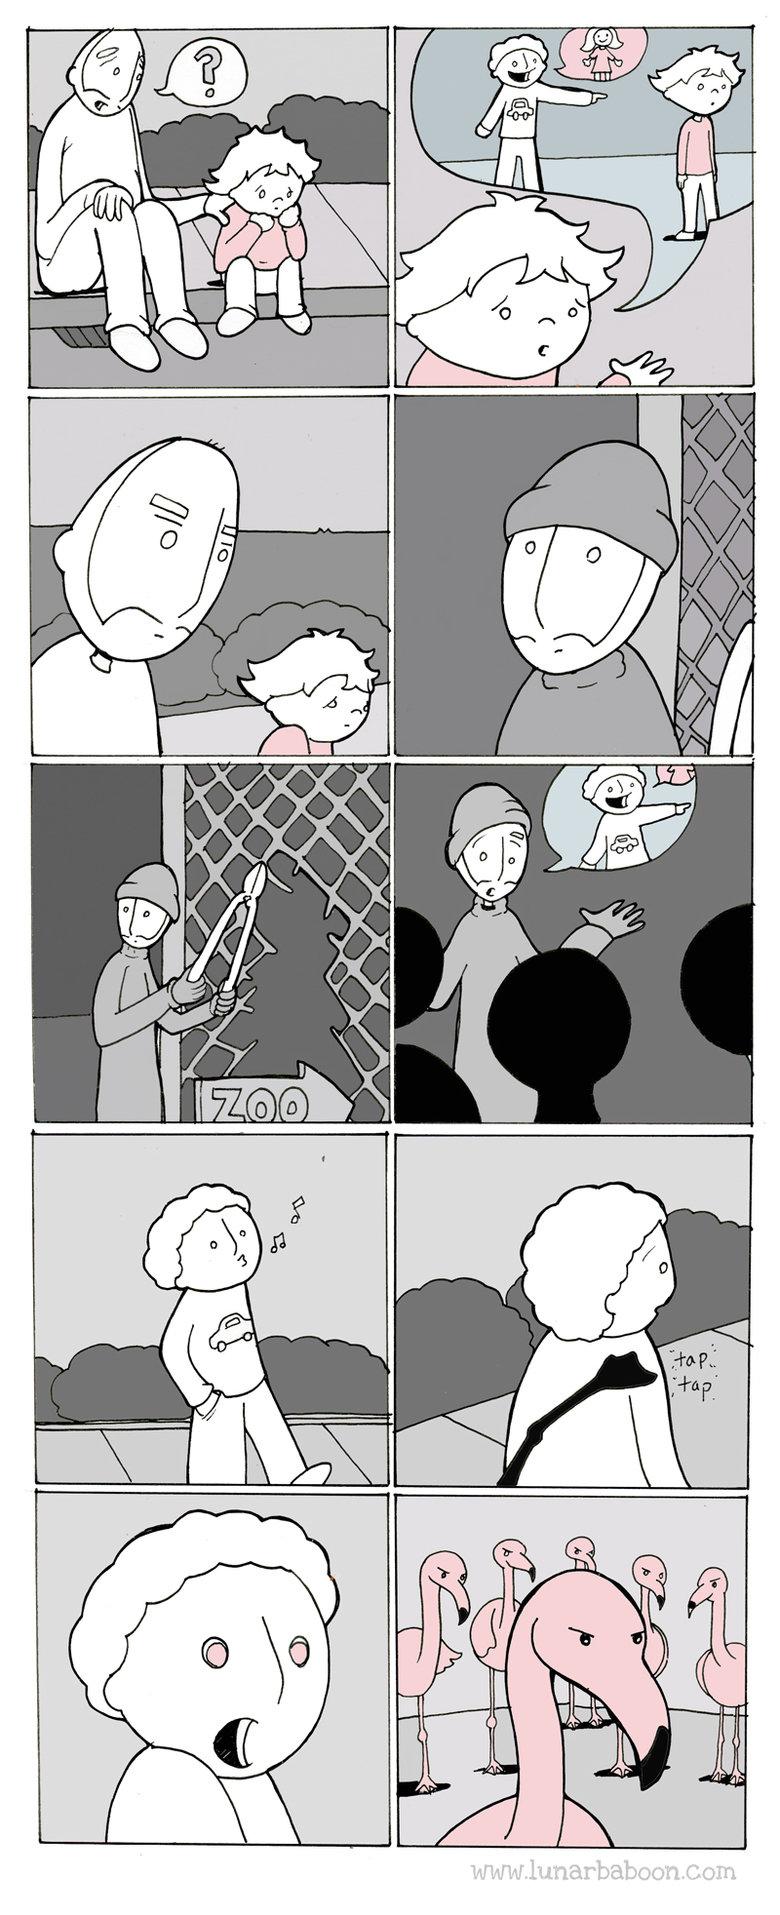 good parenting. .